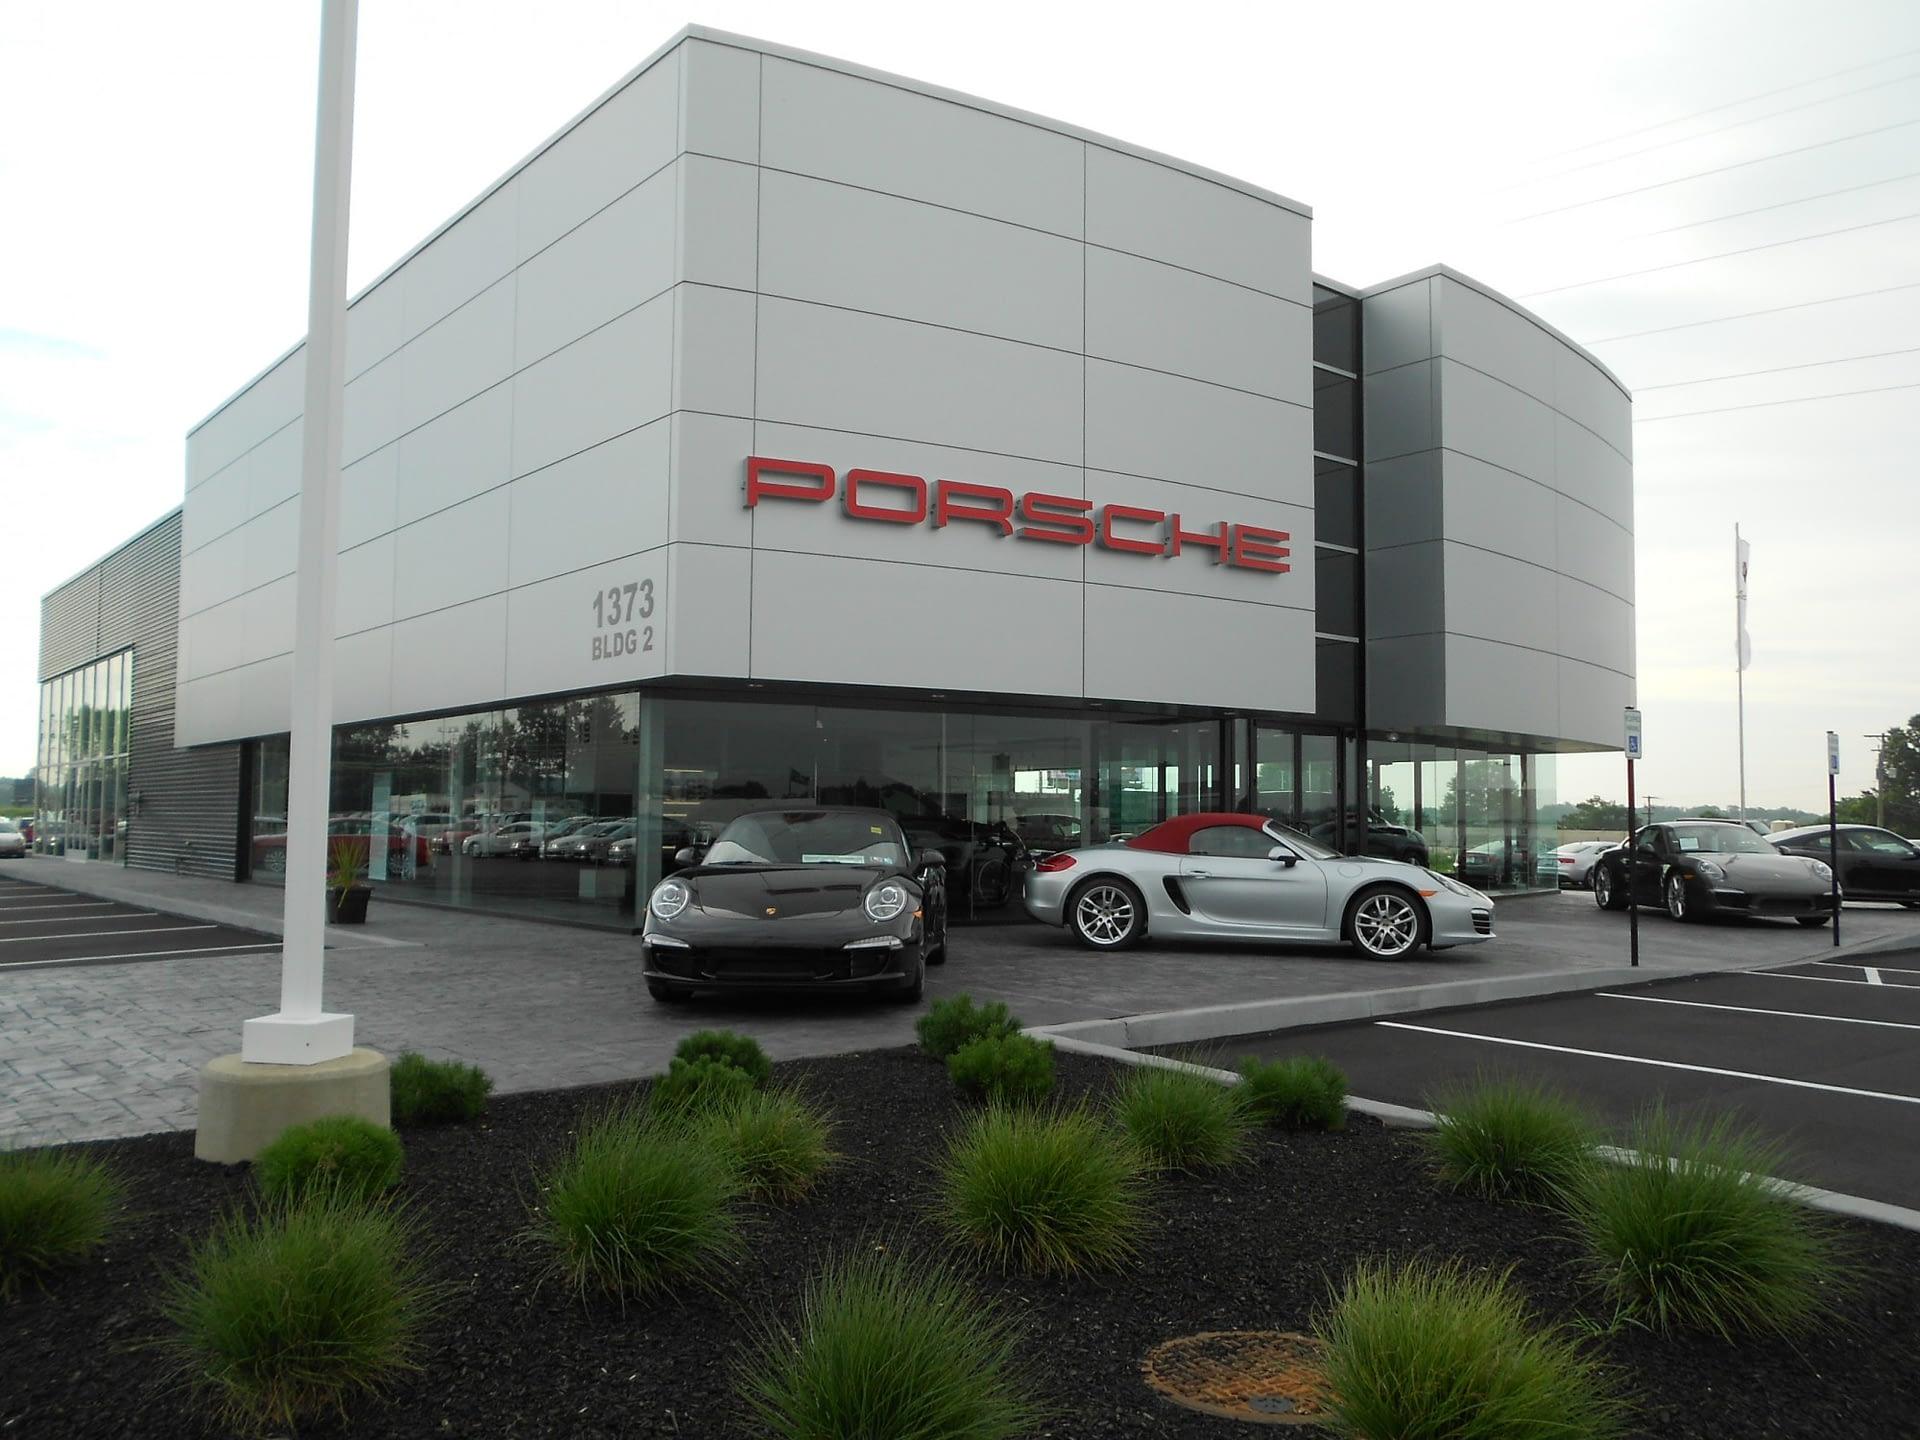 Autohaus Lancaster Porsche - Exterior 4